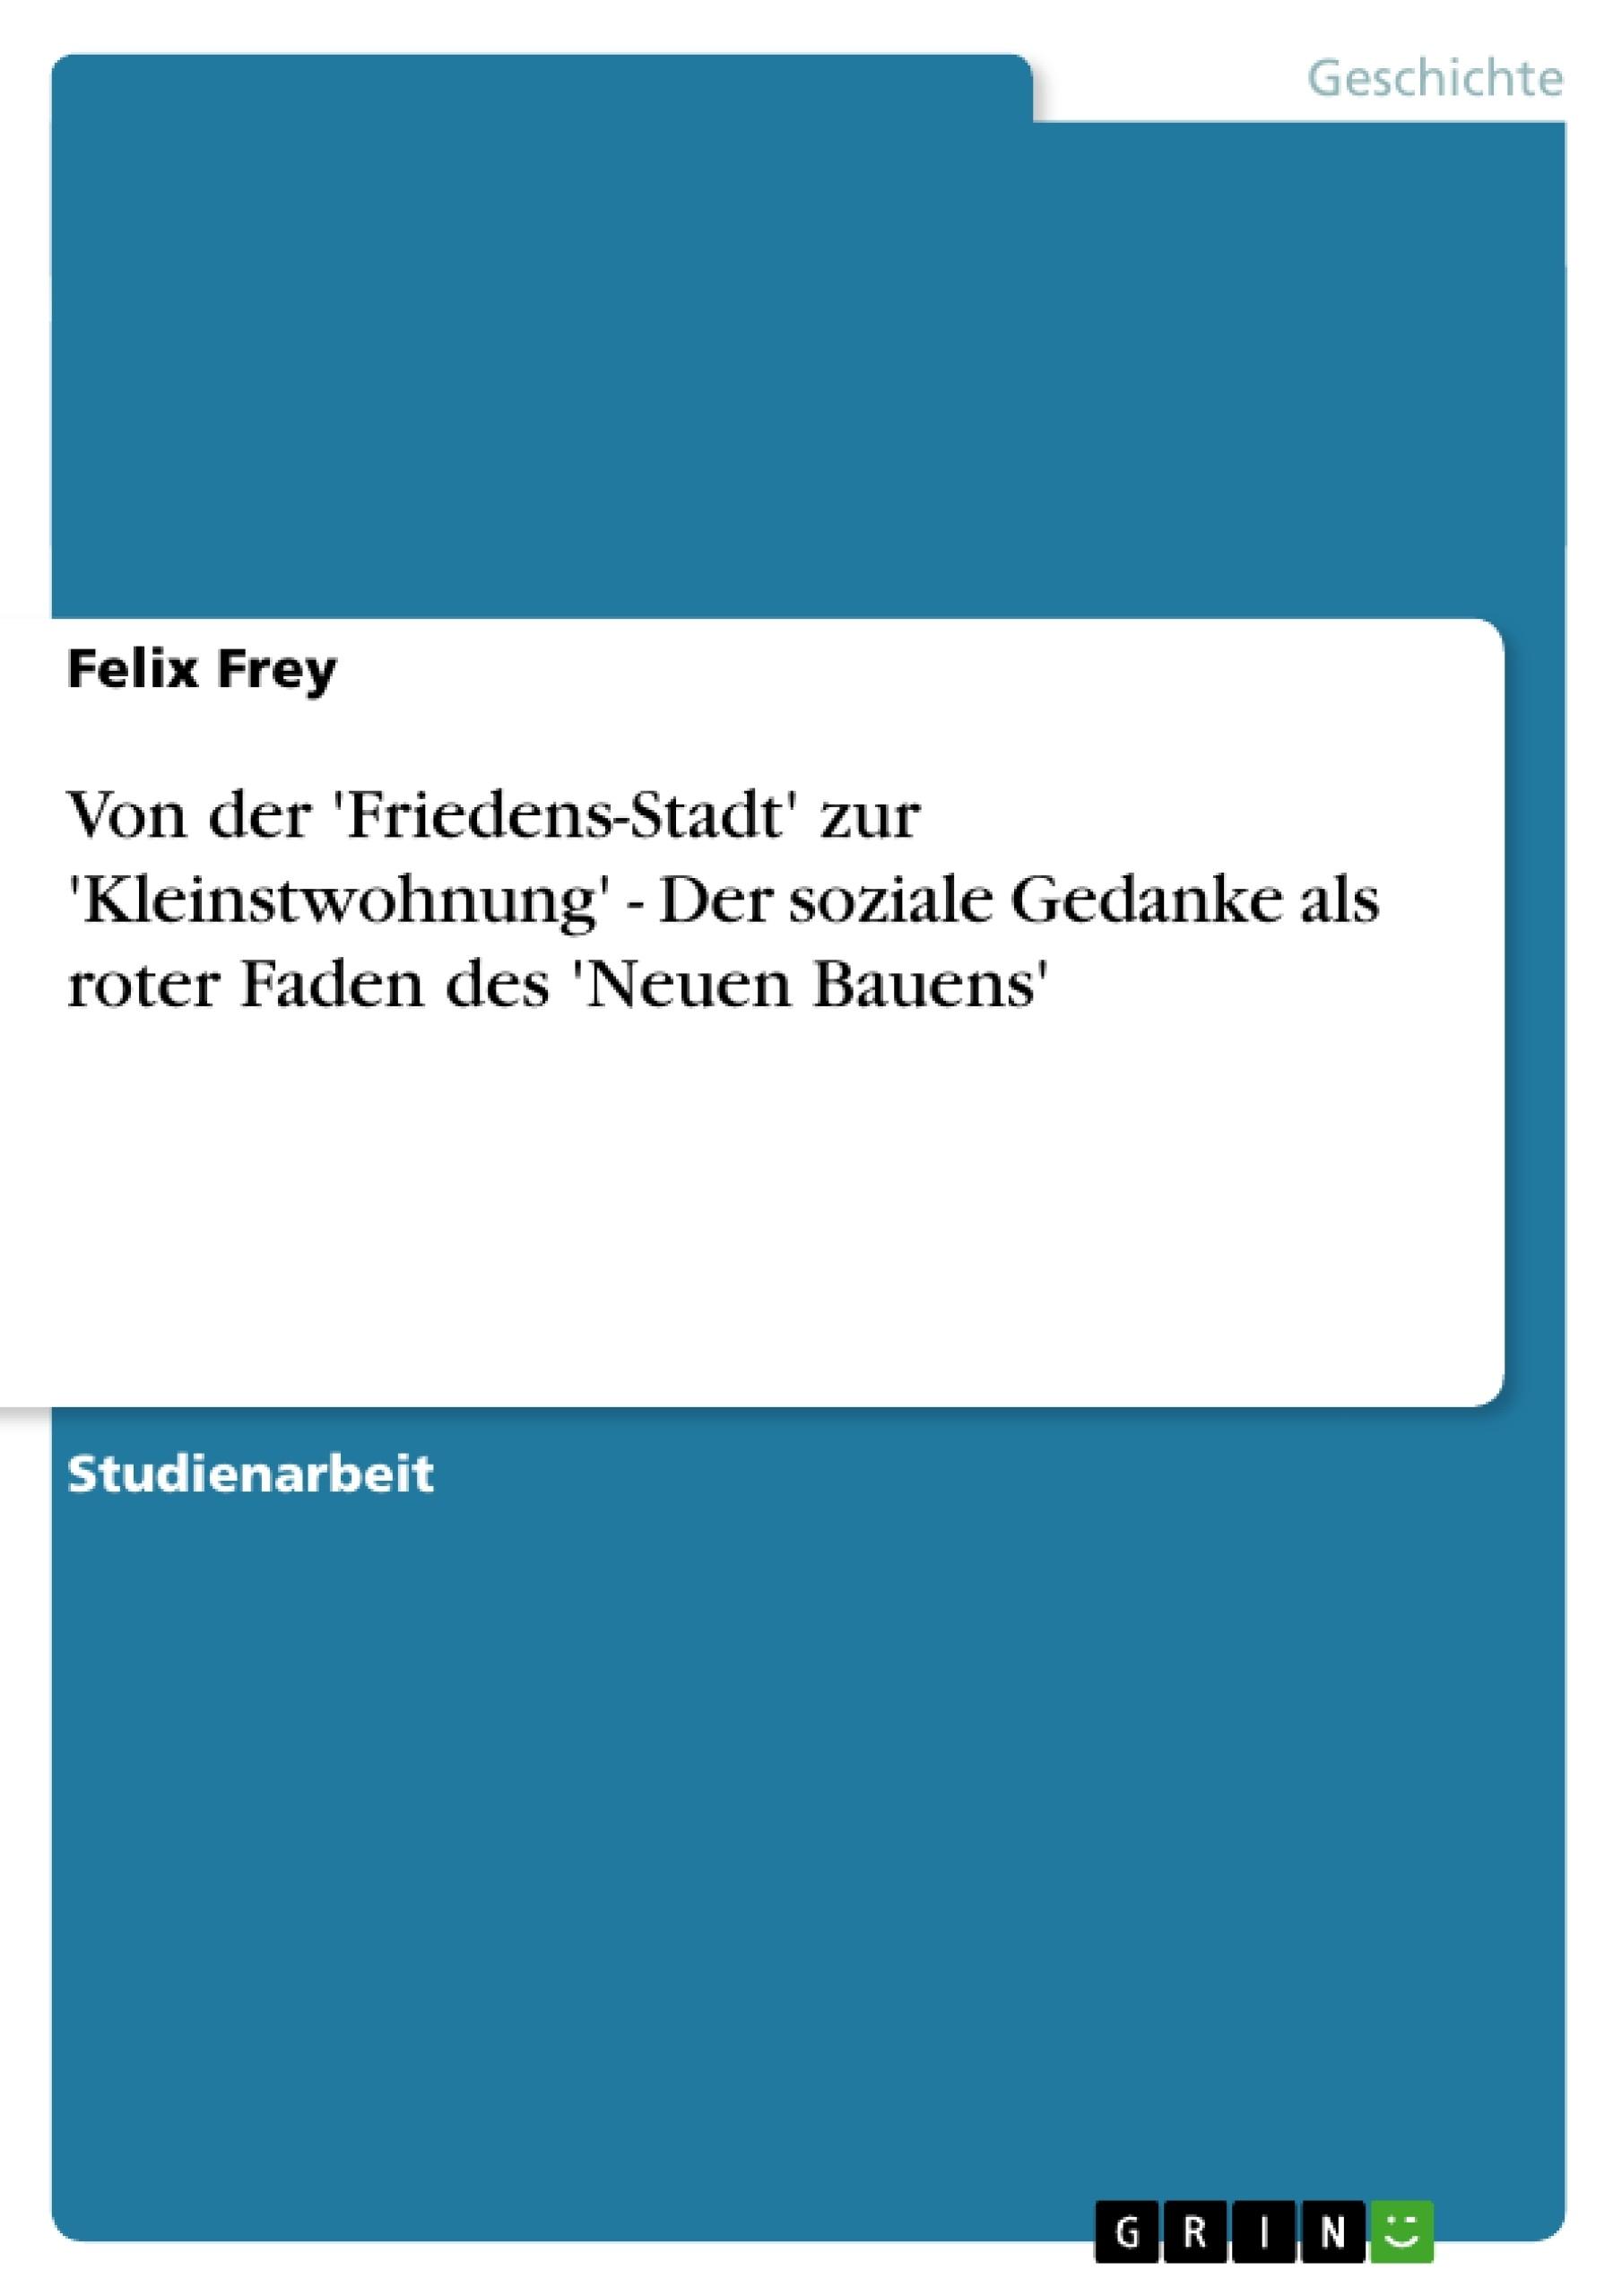 Titel: Von der 'Friedens-Stadt' zur 'Kleinstwohnung' - Der soziale Gedanke als roter Faden des 'Neuen Bauens'